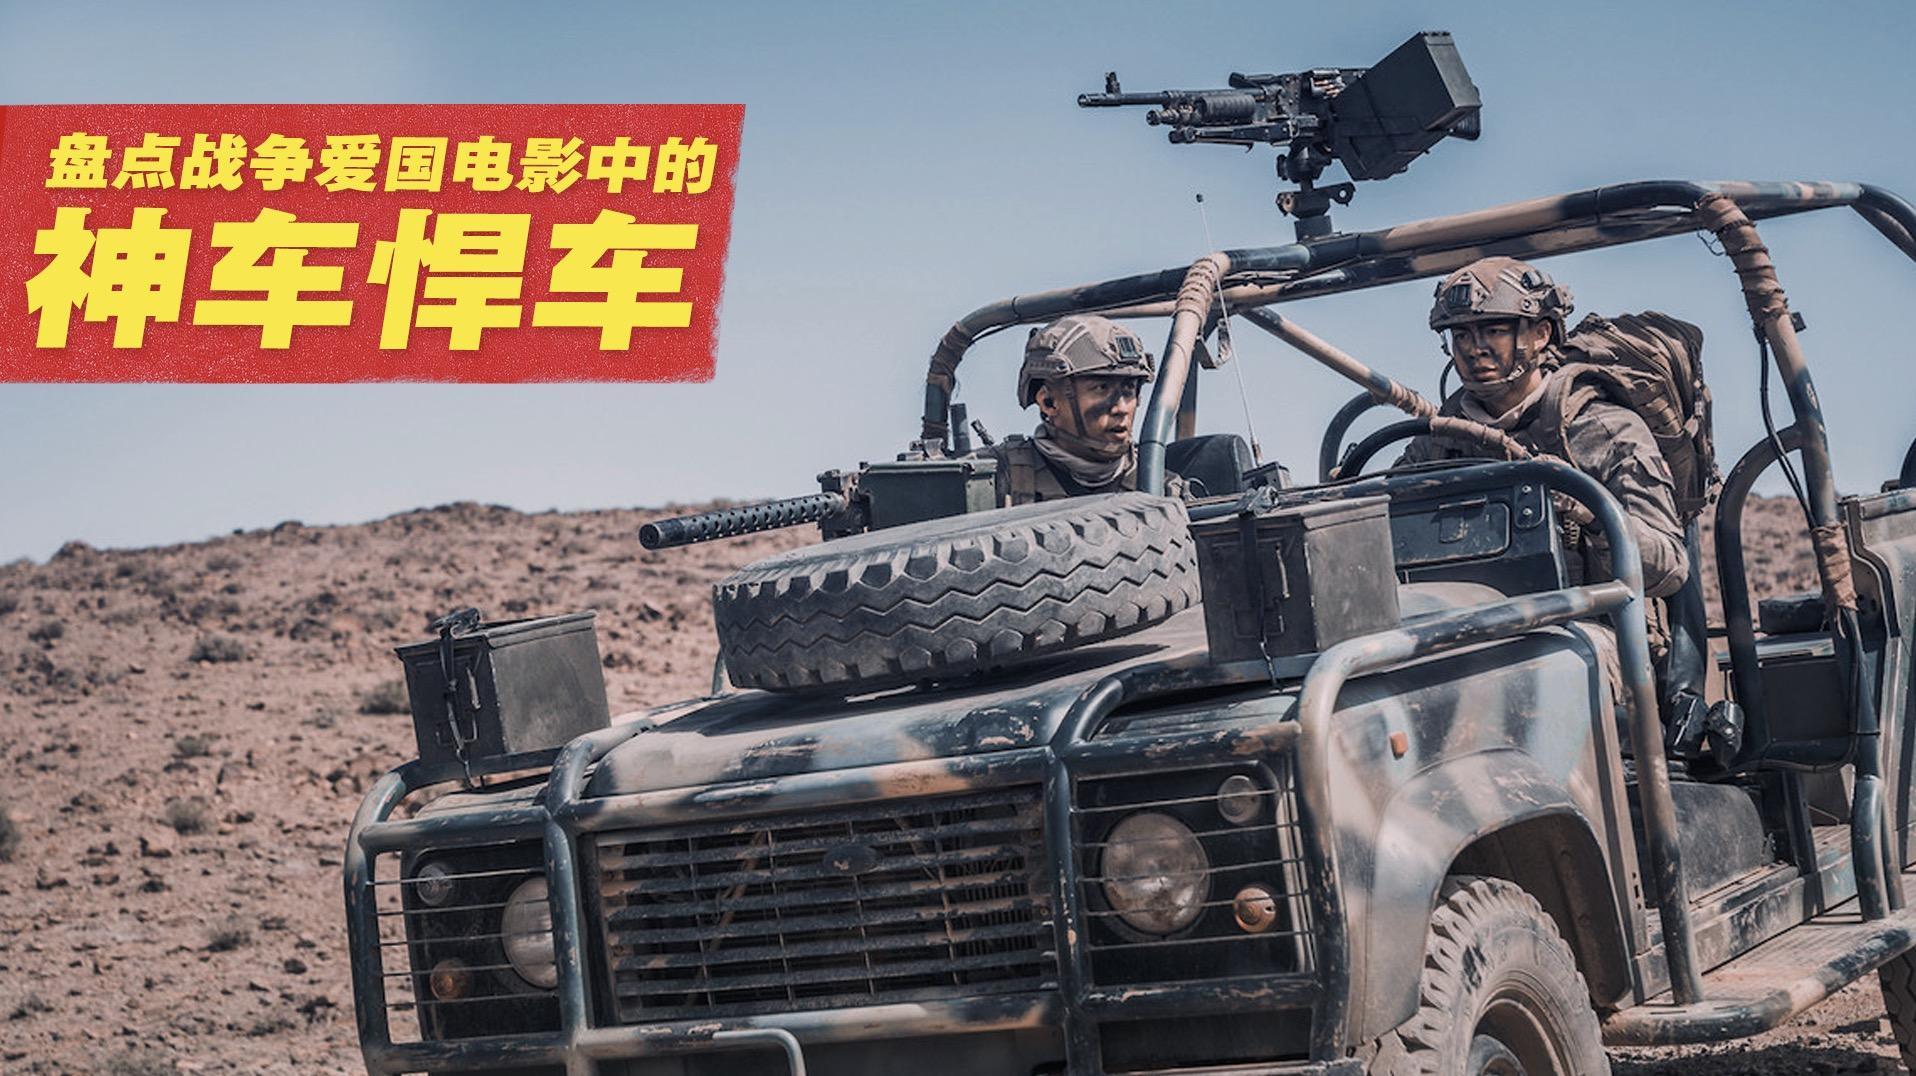 花样盘点爱国战争电影中的神车战车